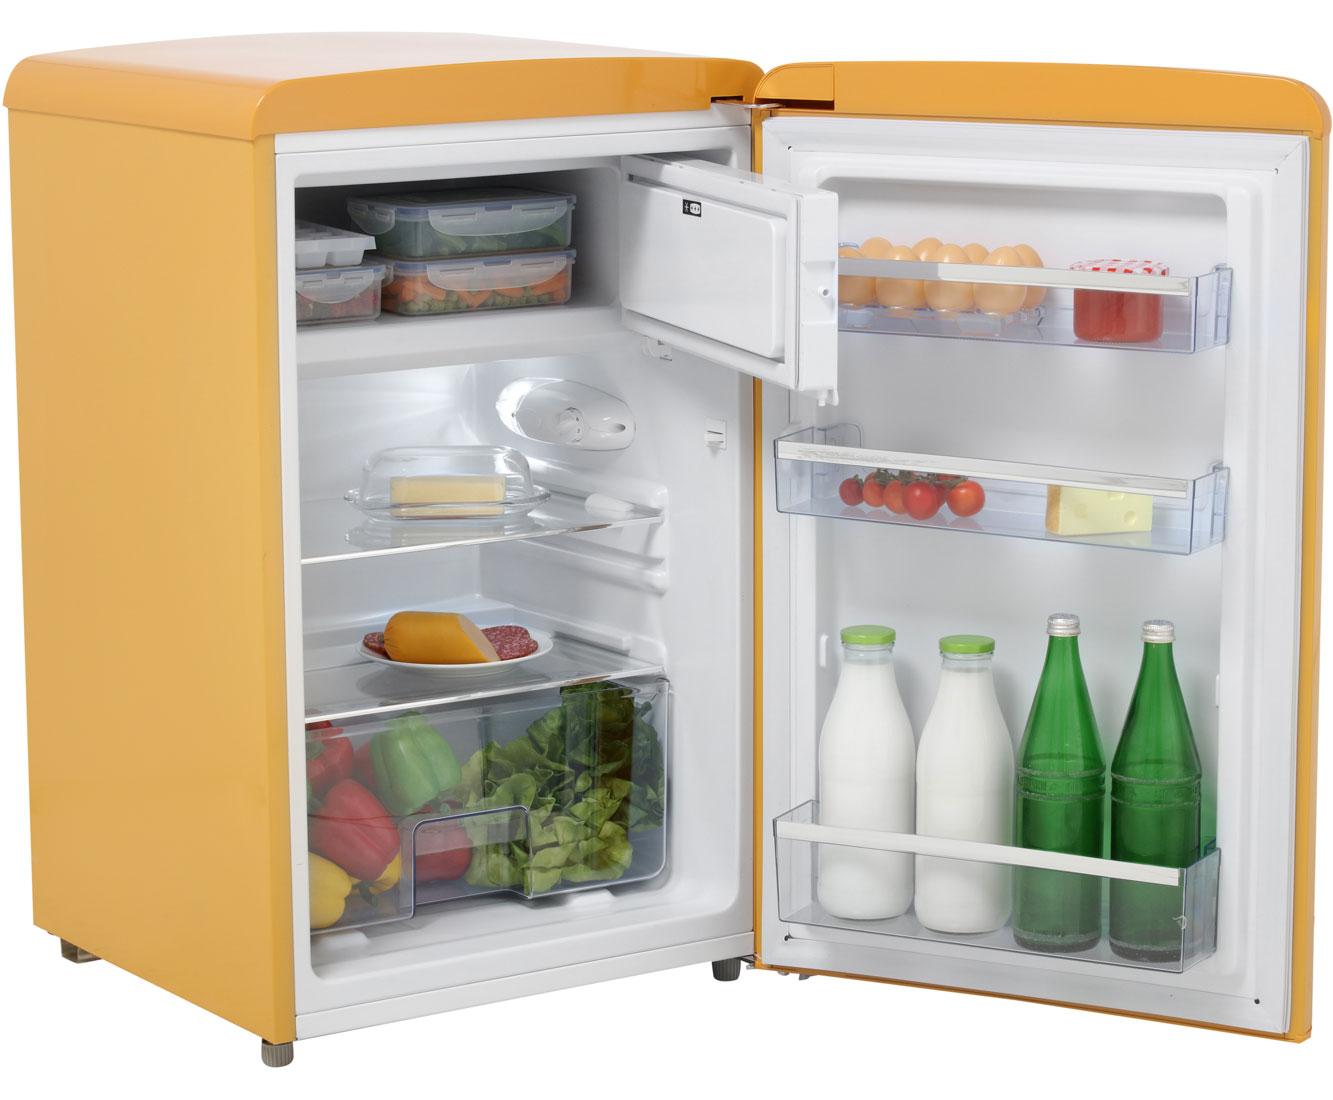 Amica Kühlschrank Mit Gefrierfach : Amica retro design ks r kühlschrank mit gefrierfach rot